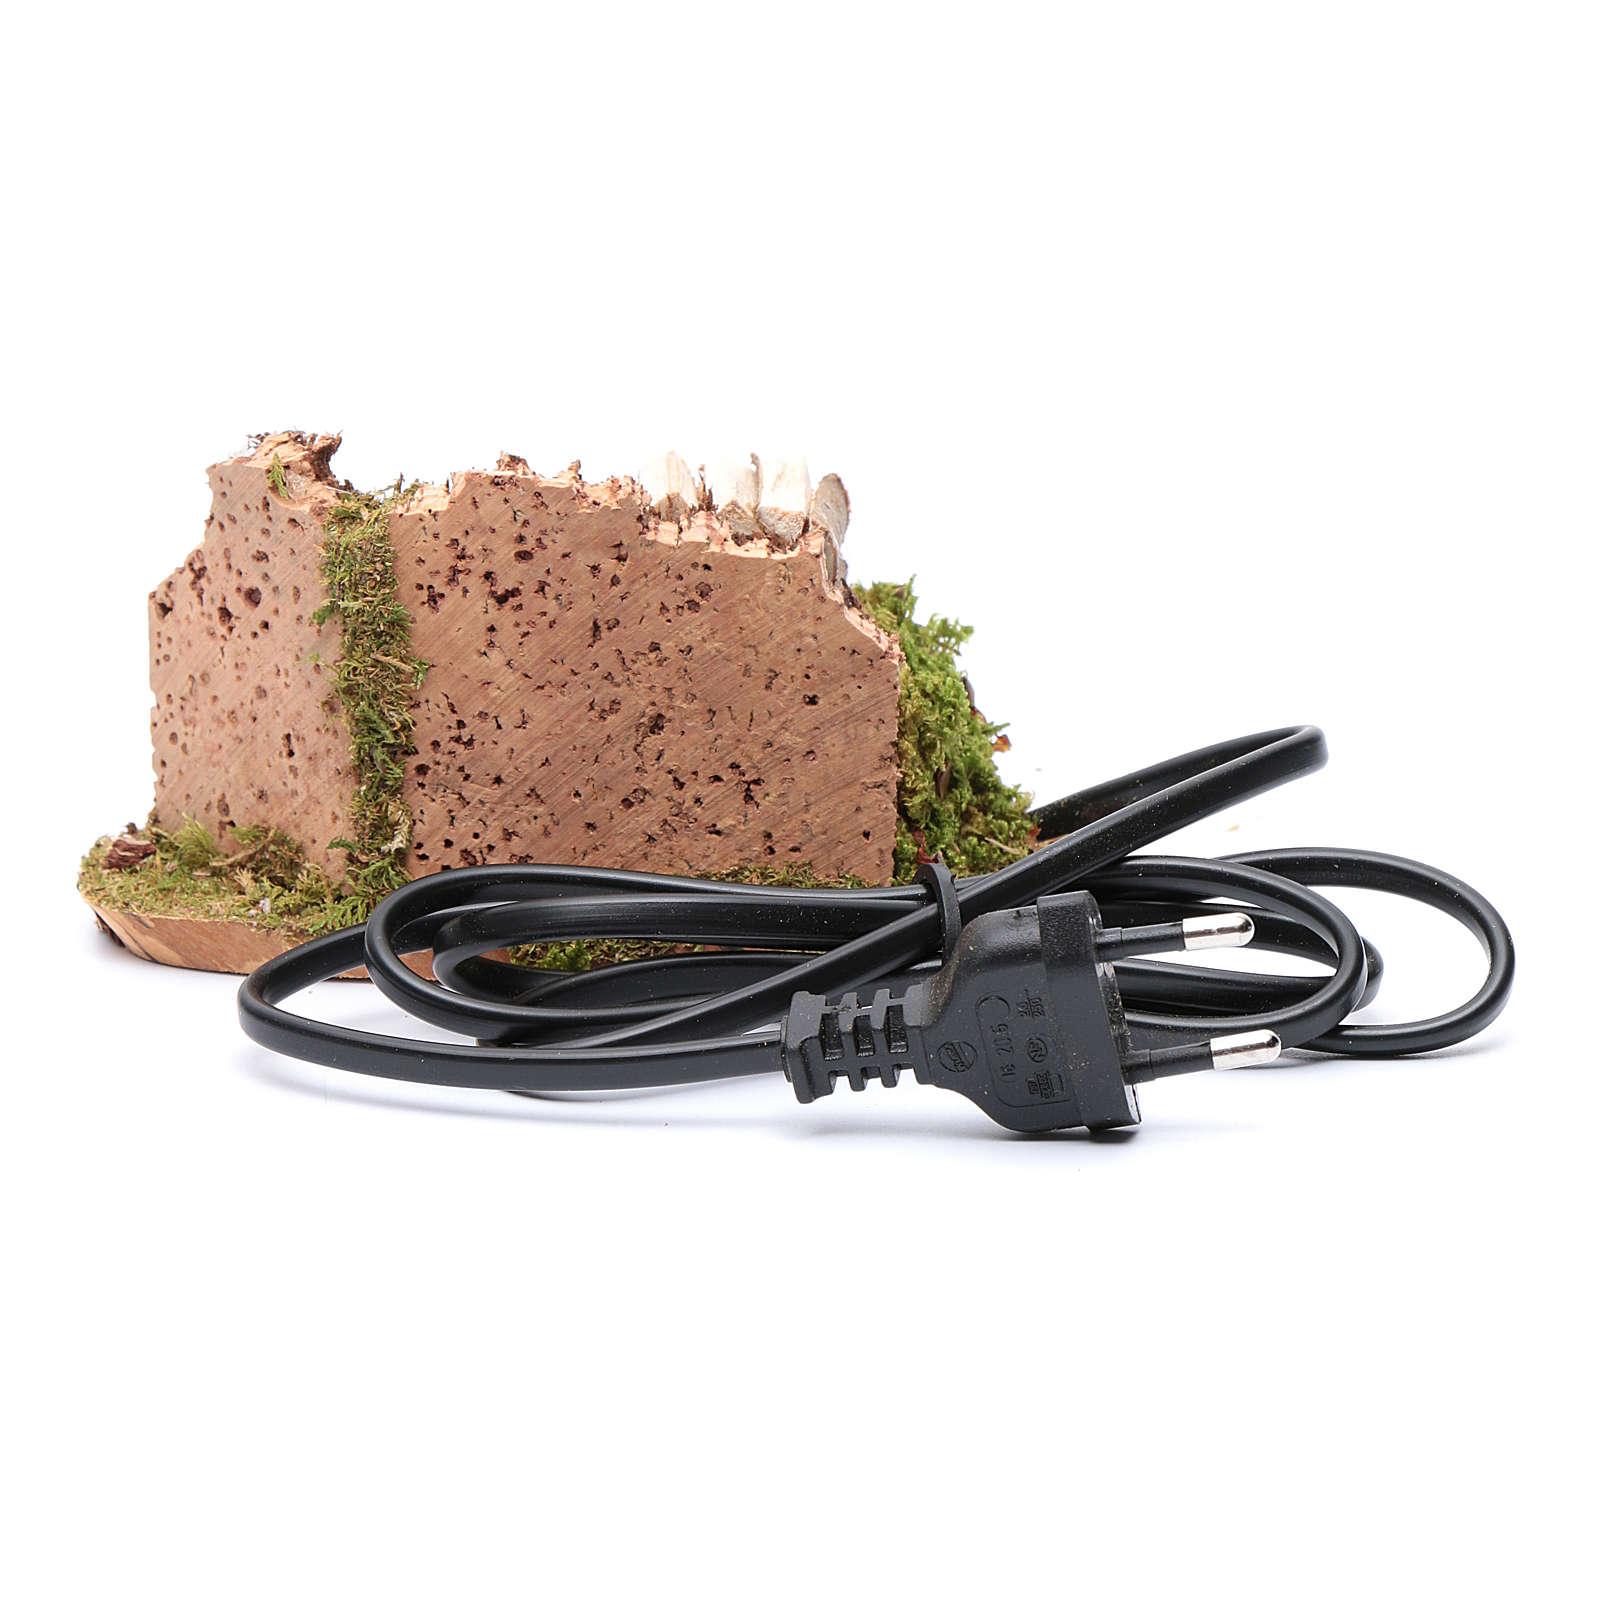 Casserole sur feu avec bois et mur en liège 7x14x7 cm 4